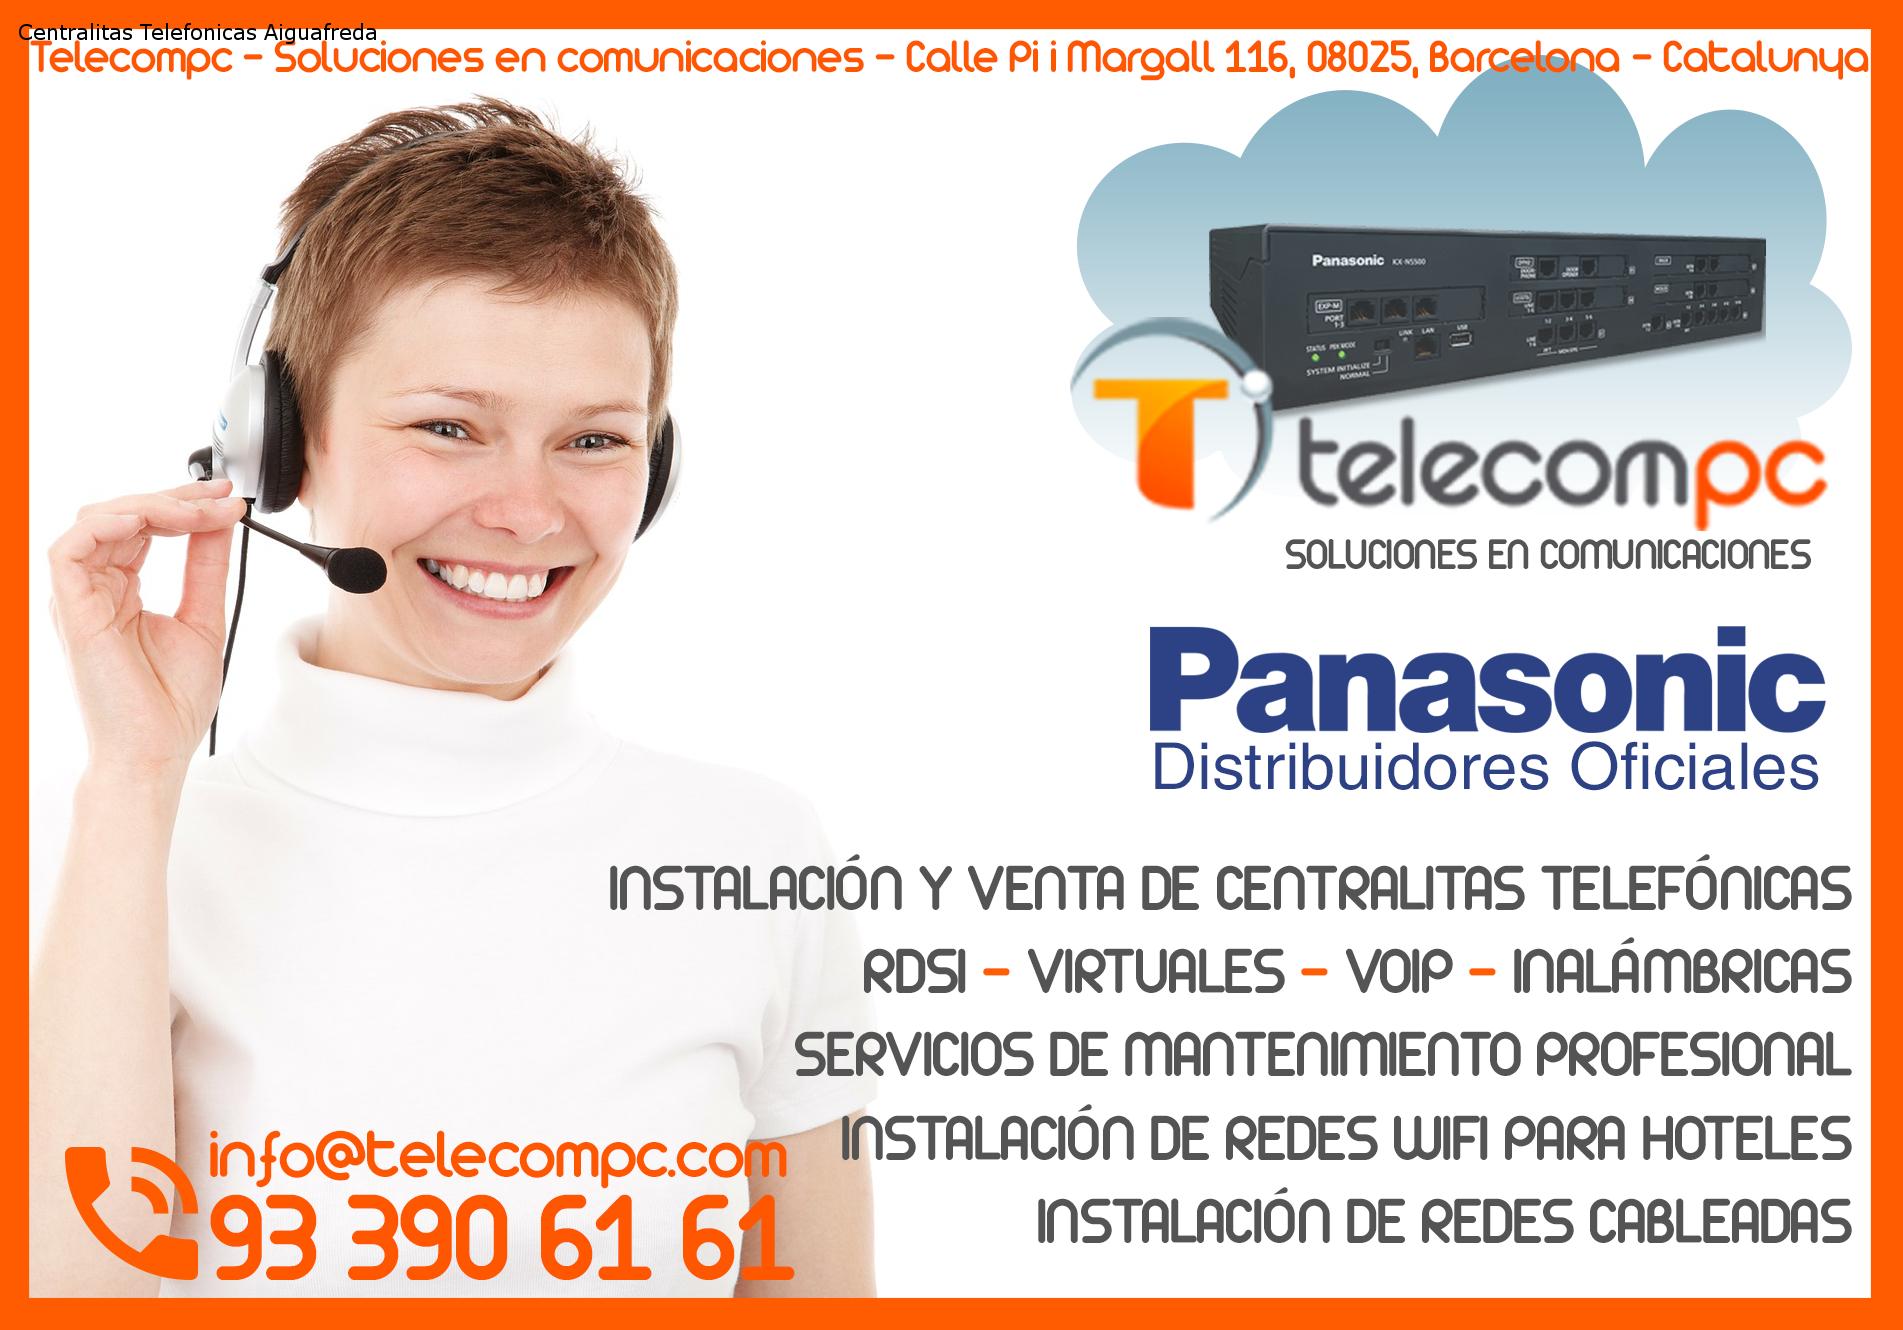 Centralitas Telefonicas Aiguafreda